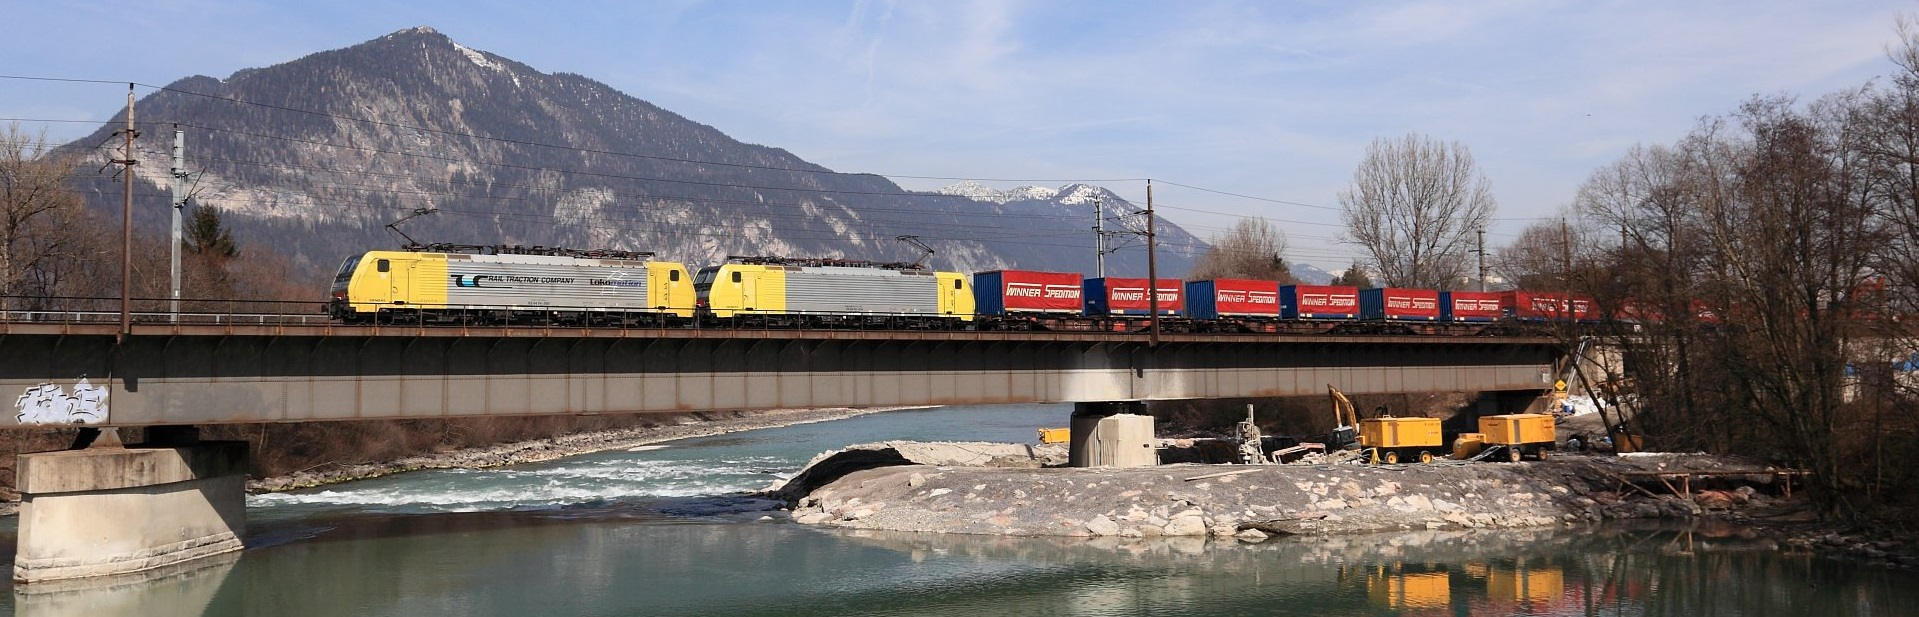 Titel_Zug auf Brücke